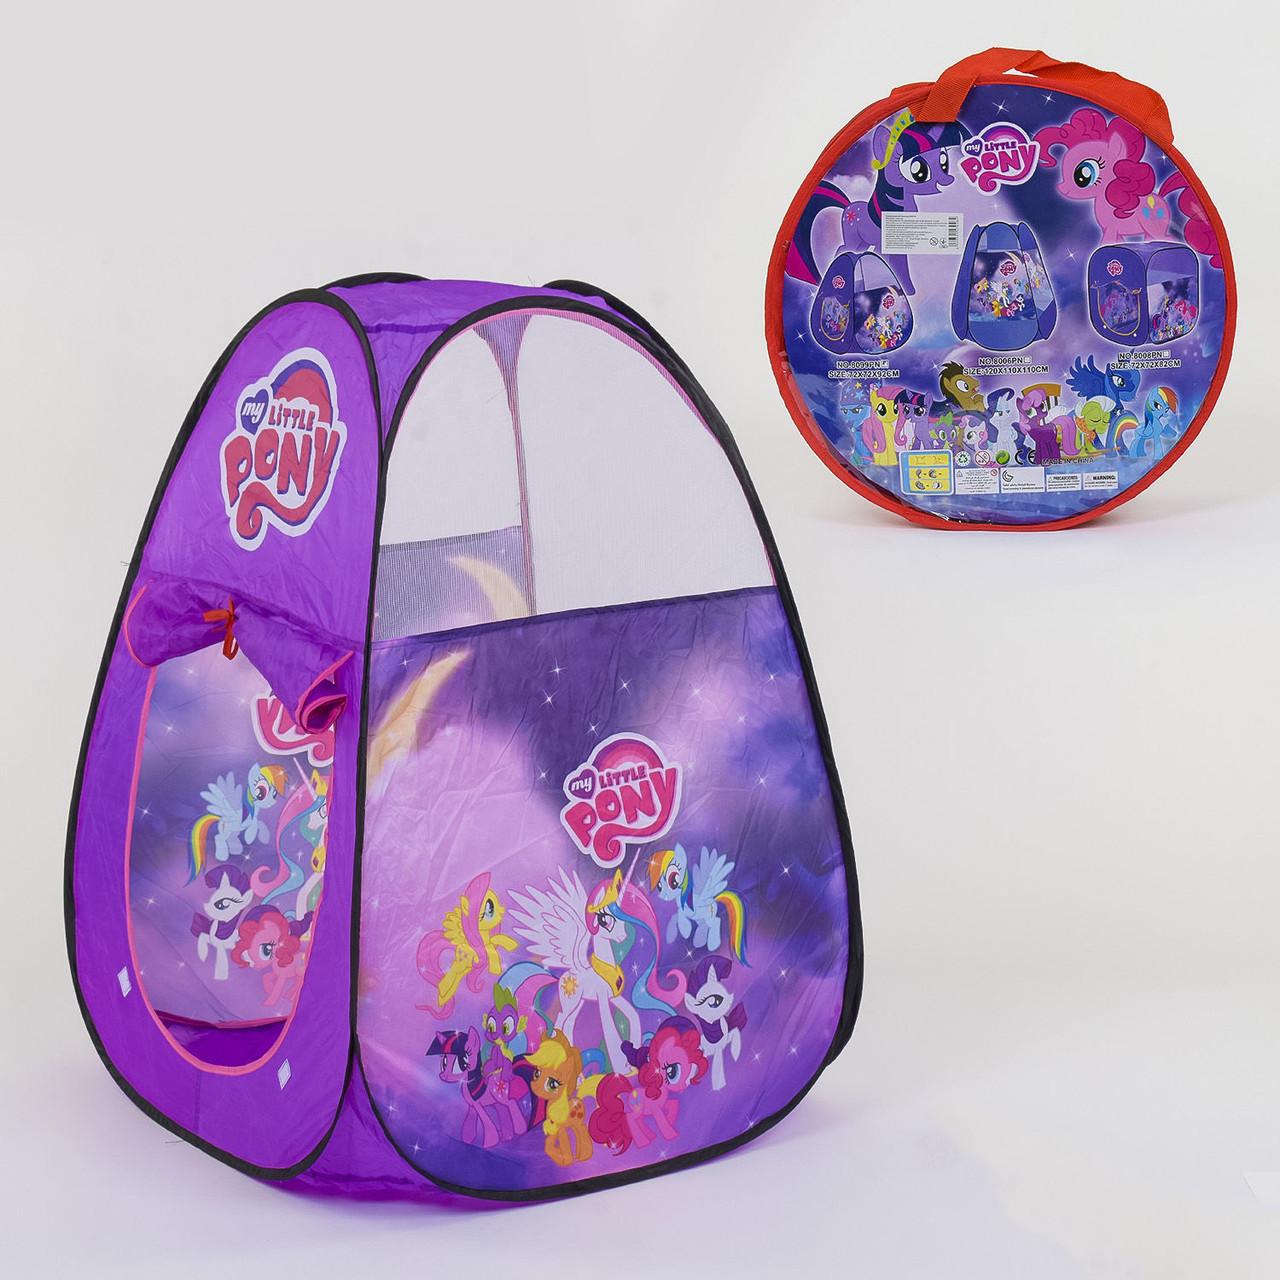 Палатка детская Пони 8099 РN 72х72х92 см в сумке Гарантия качества Быстрая доставка